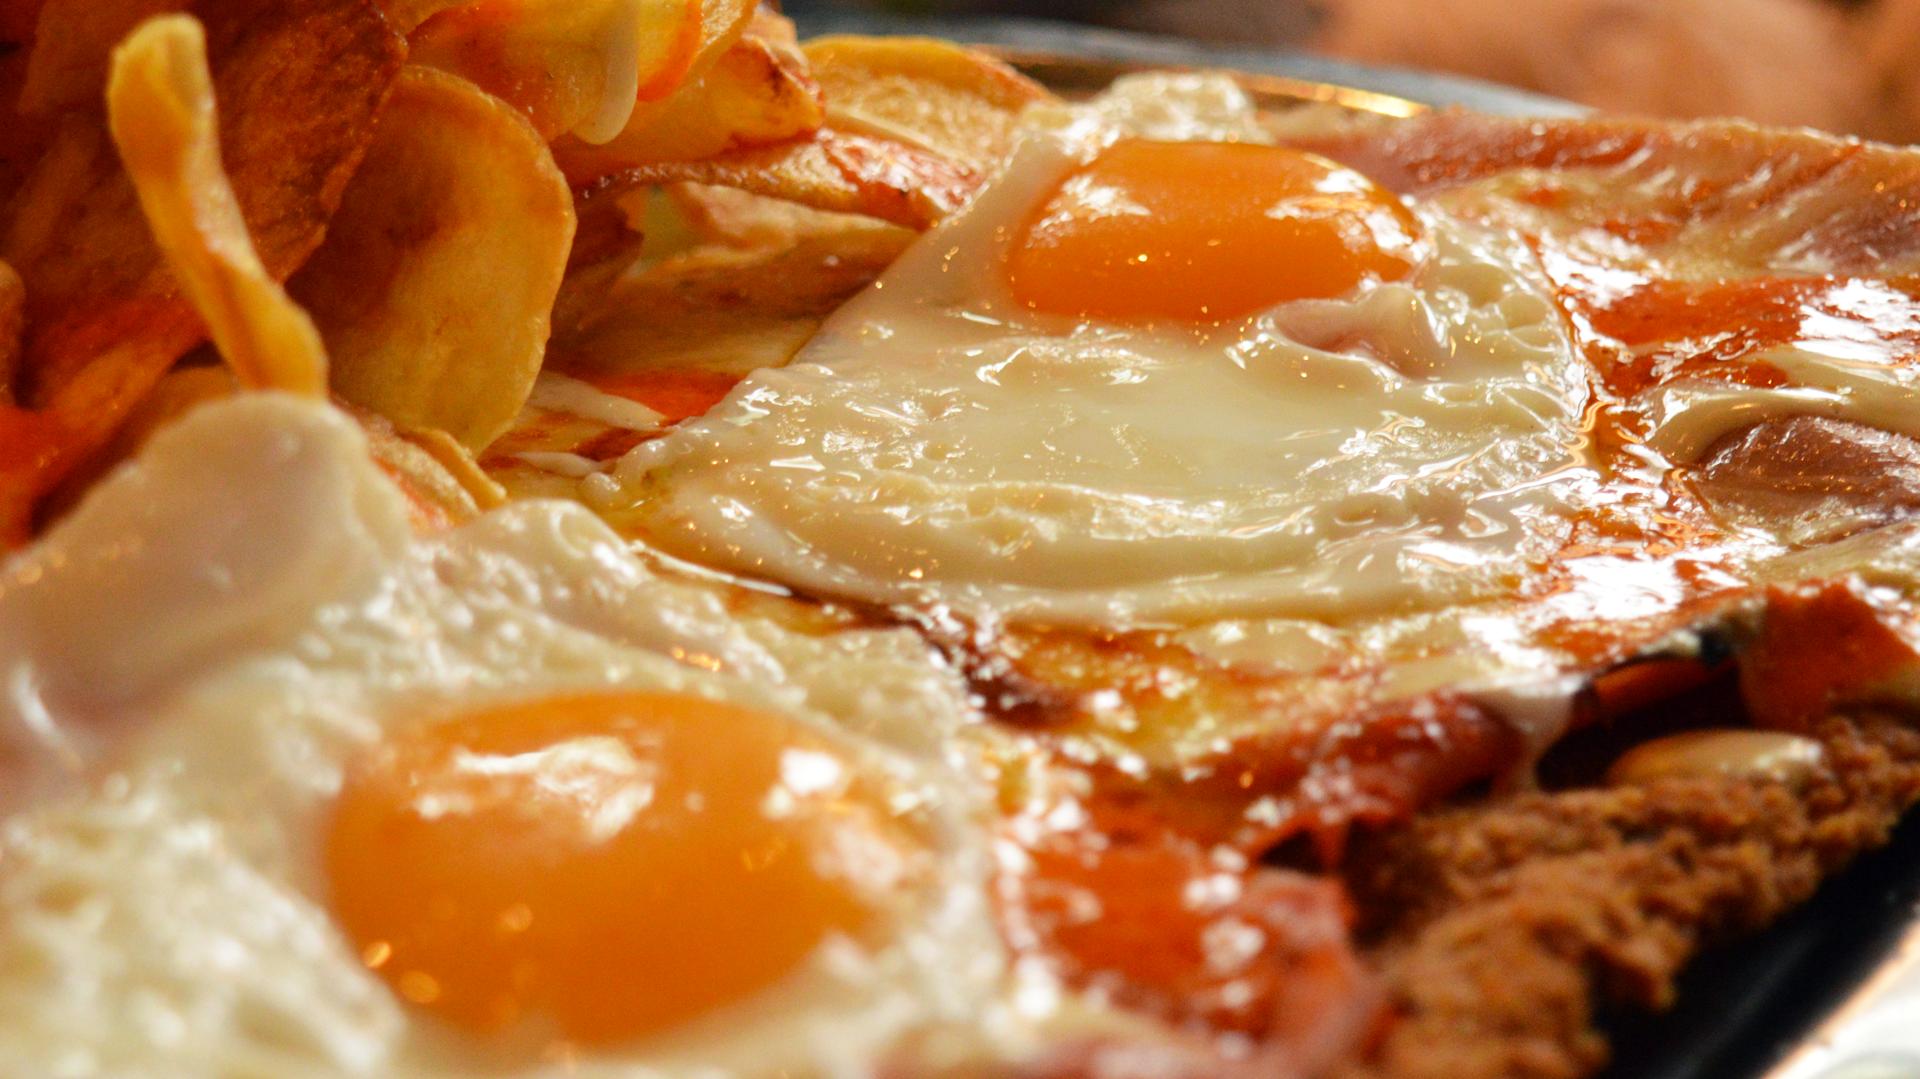 La milanesa, la comida con carne vacuna que más se consume en los hogares del país (GCBA)